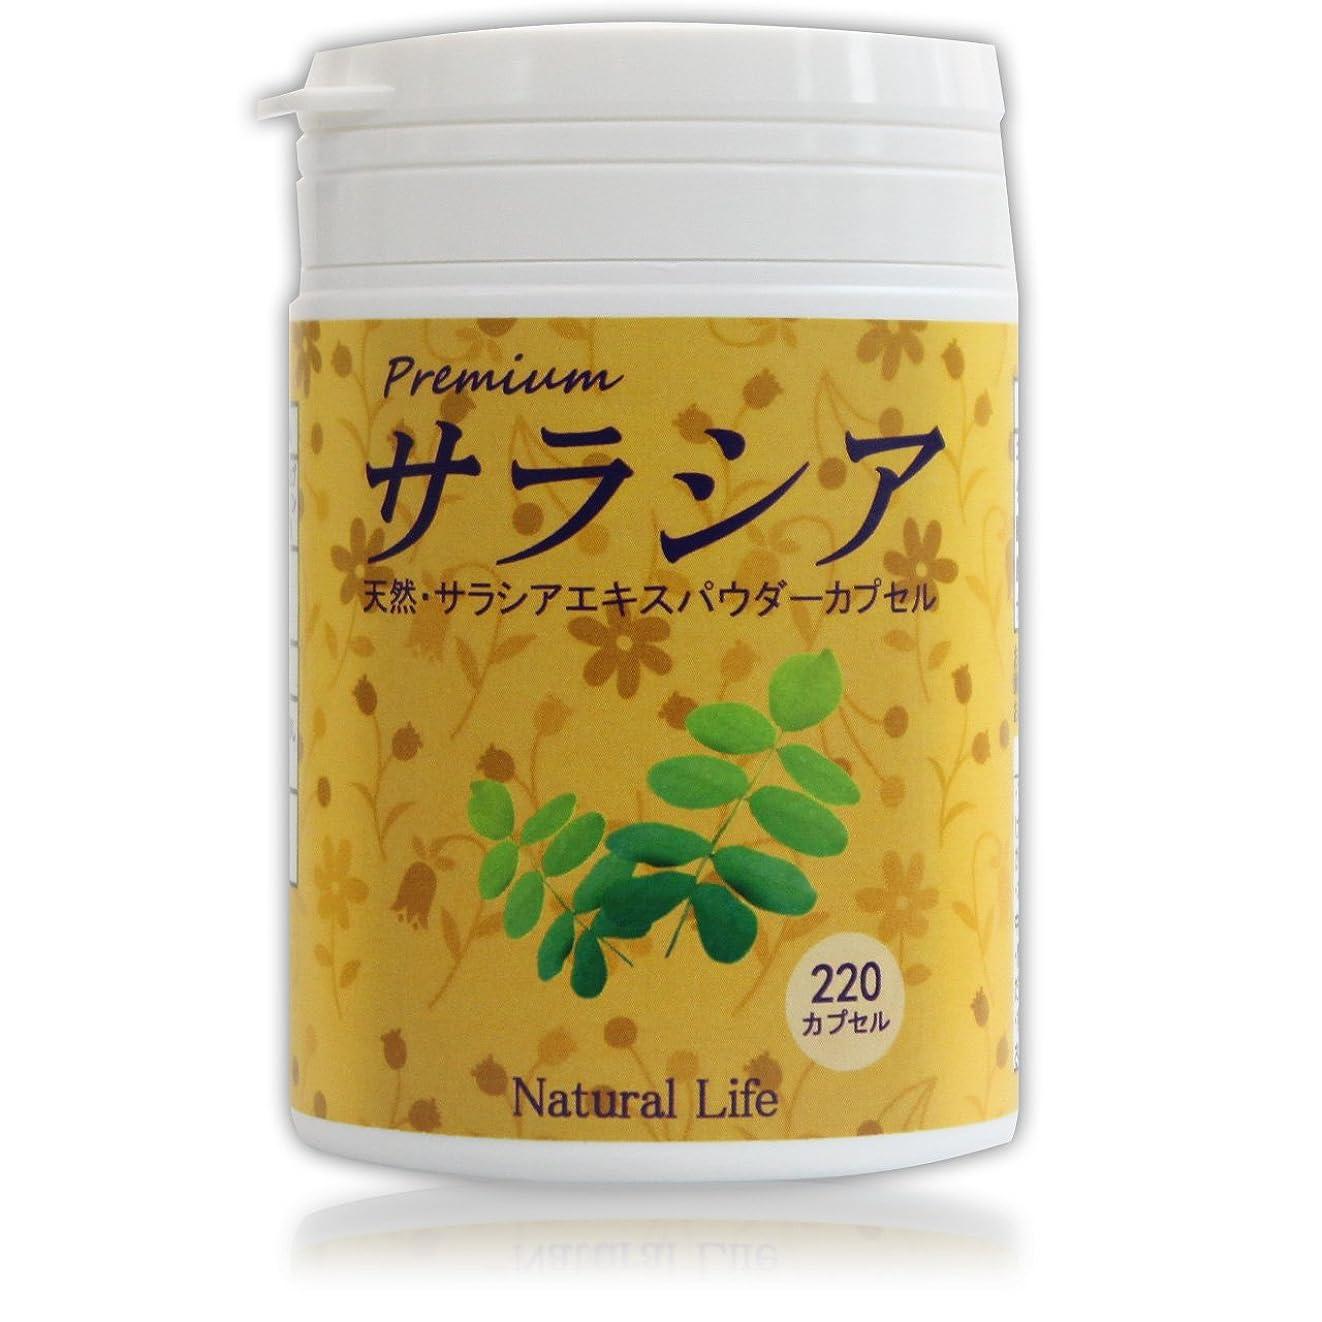 インカ帝国服を着るインクサラシアカプセル[220粒]天然ピュア原料(無添加) 健康食品(サラシア,さらしあ)